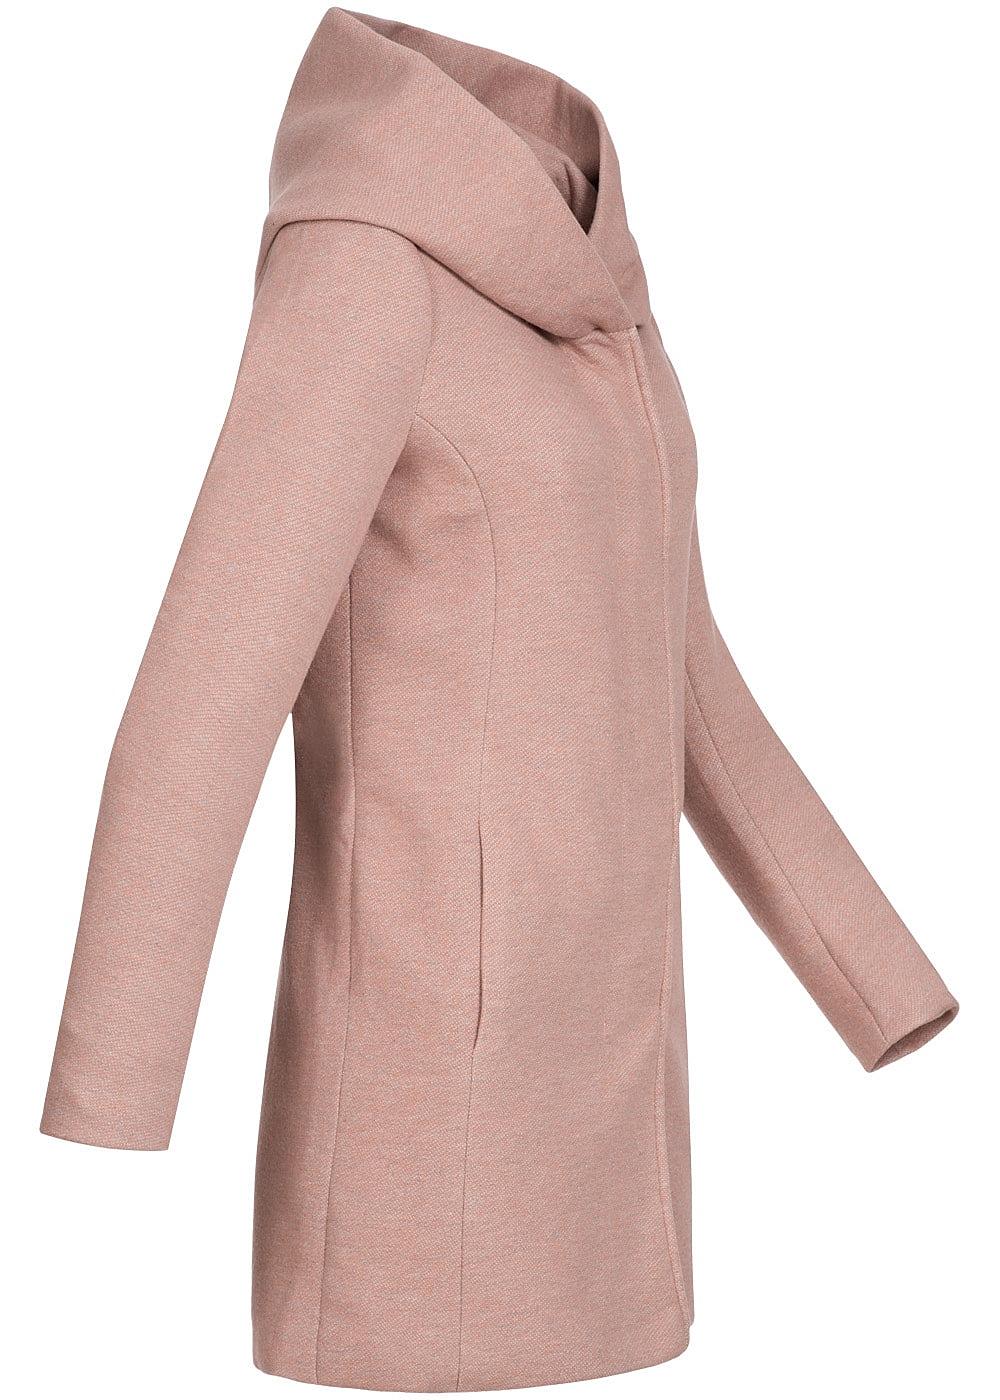 only damen bergangs mantel 2 taschen vorne kapuze noos mocha mousse rosa 77onlineshop. Black Bedroom Furniture Sets. Home Design Ideas